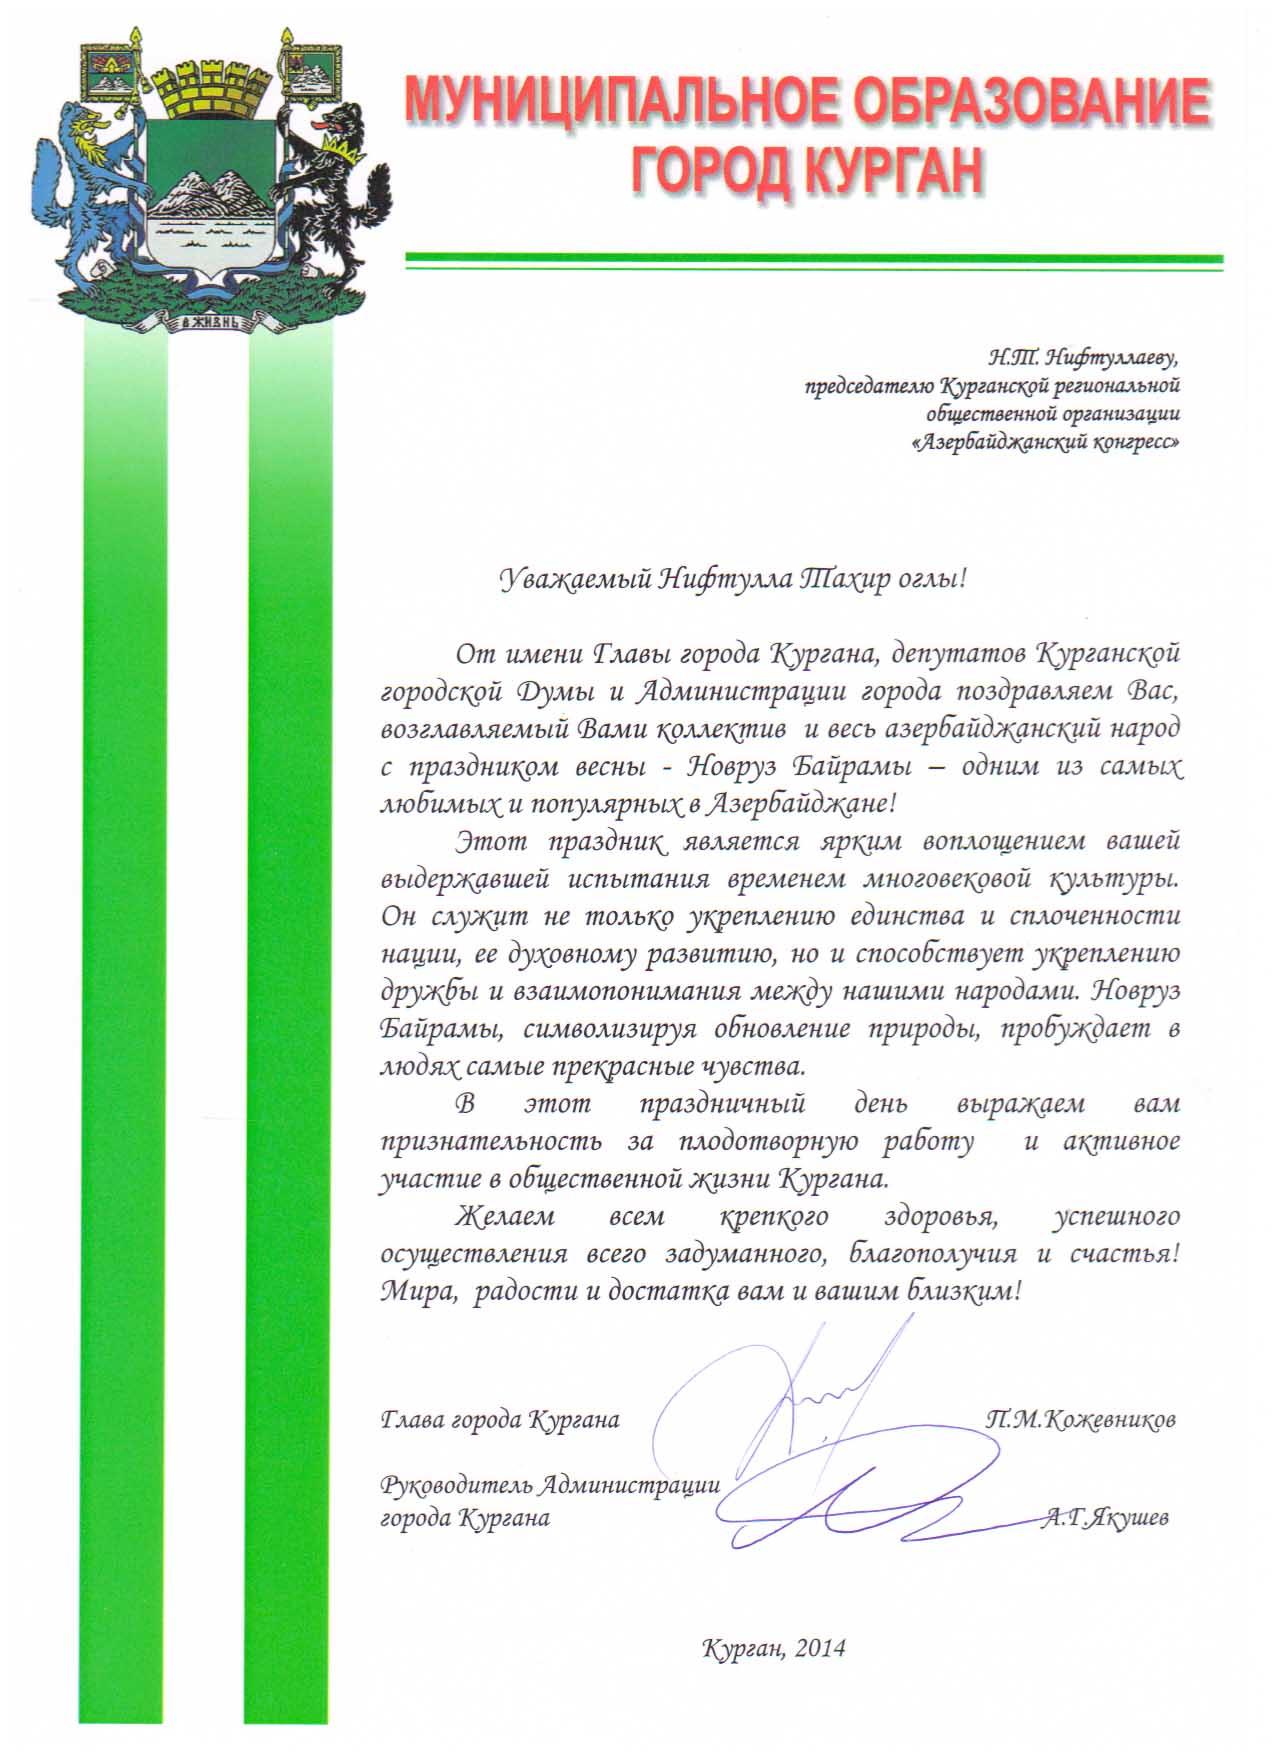 Поздравление главы Администрации города Курска 18